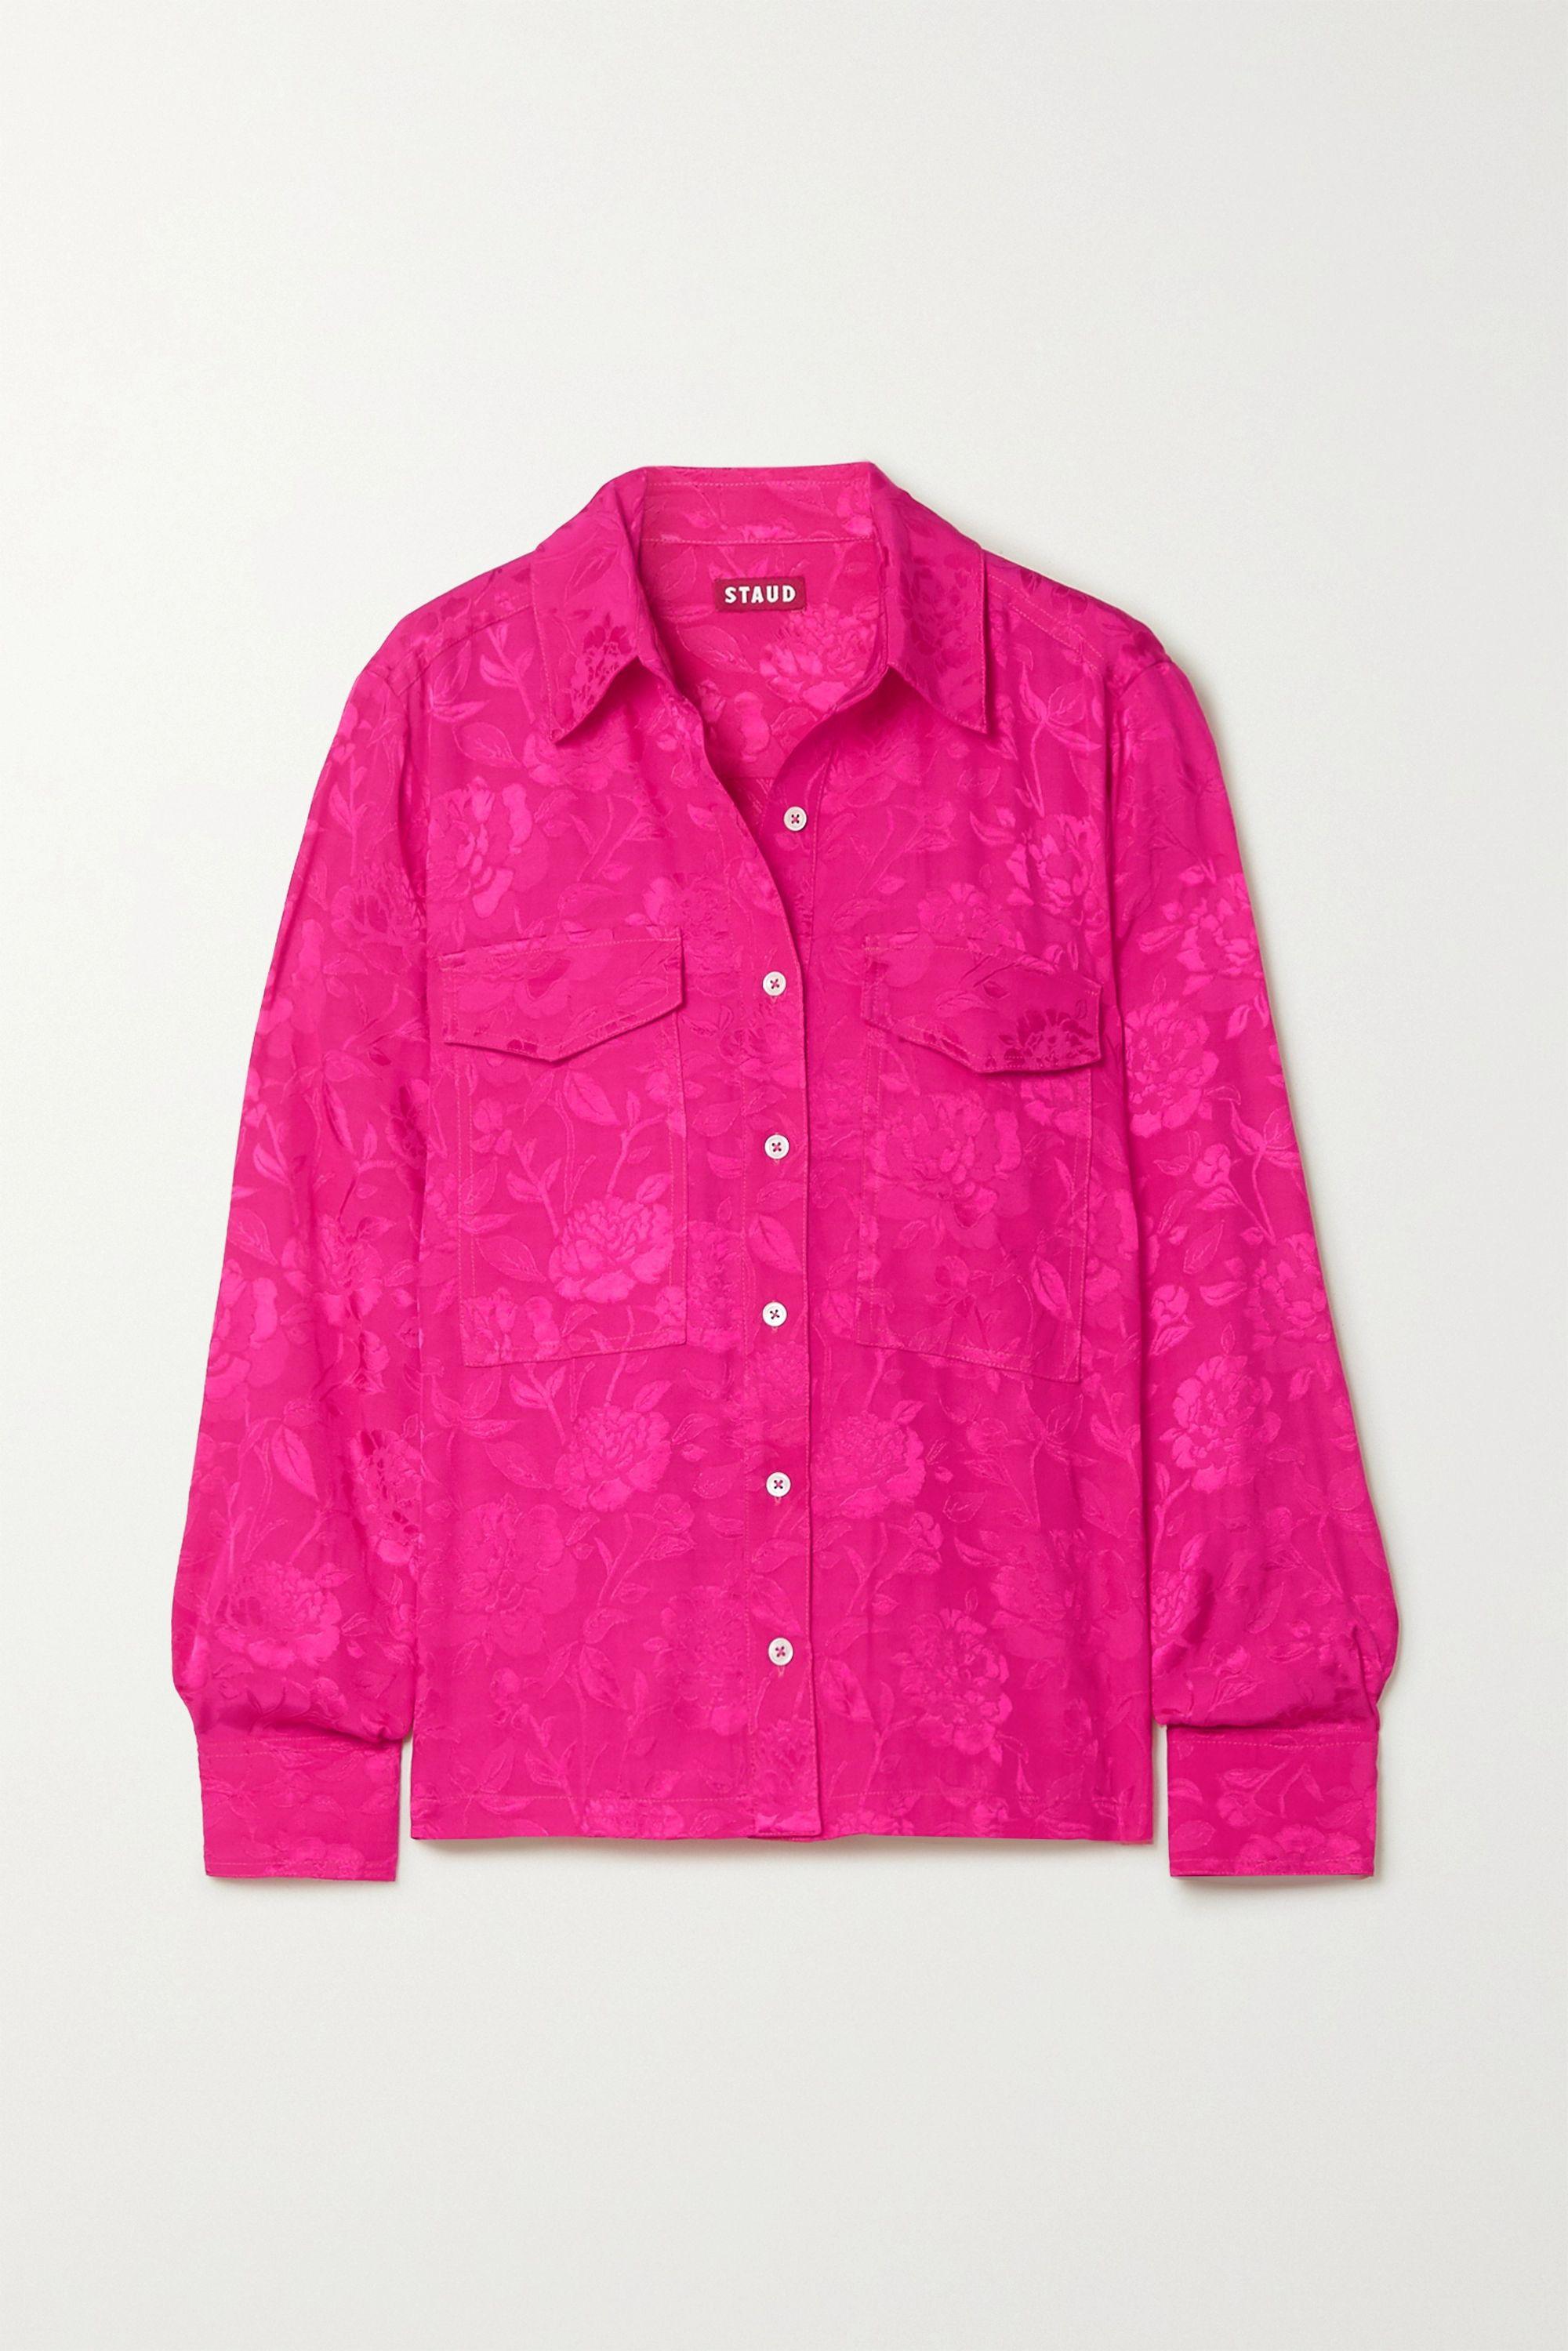 STAUD Alyssa floral-jacquard shirt